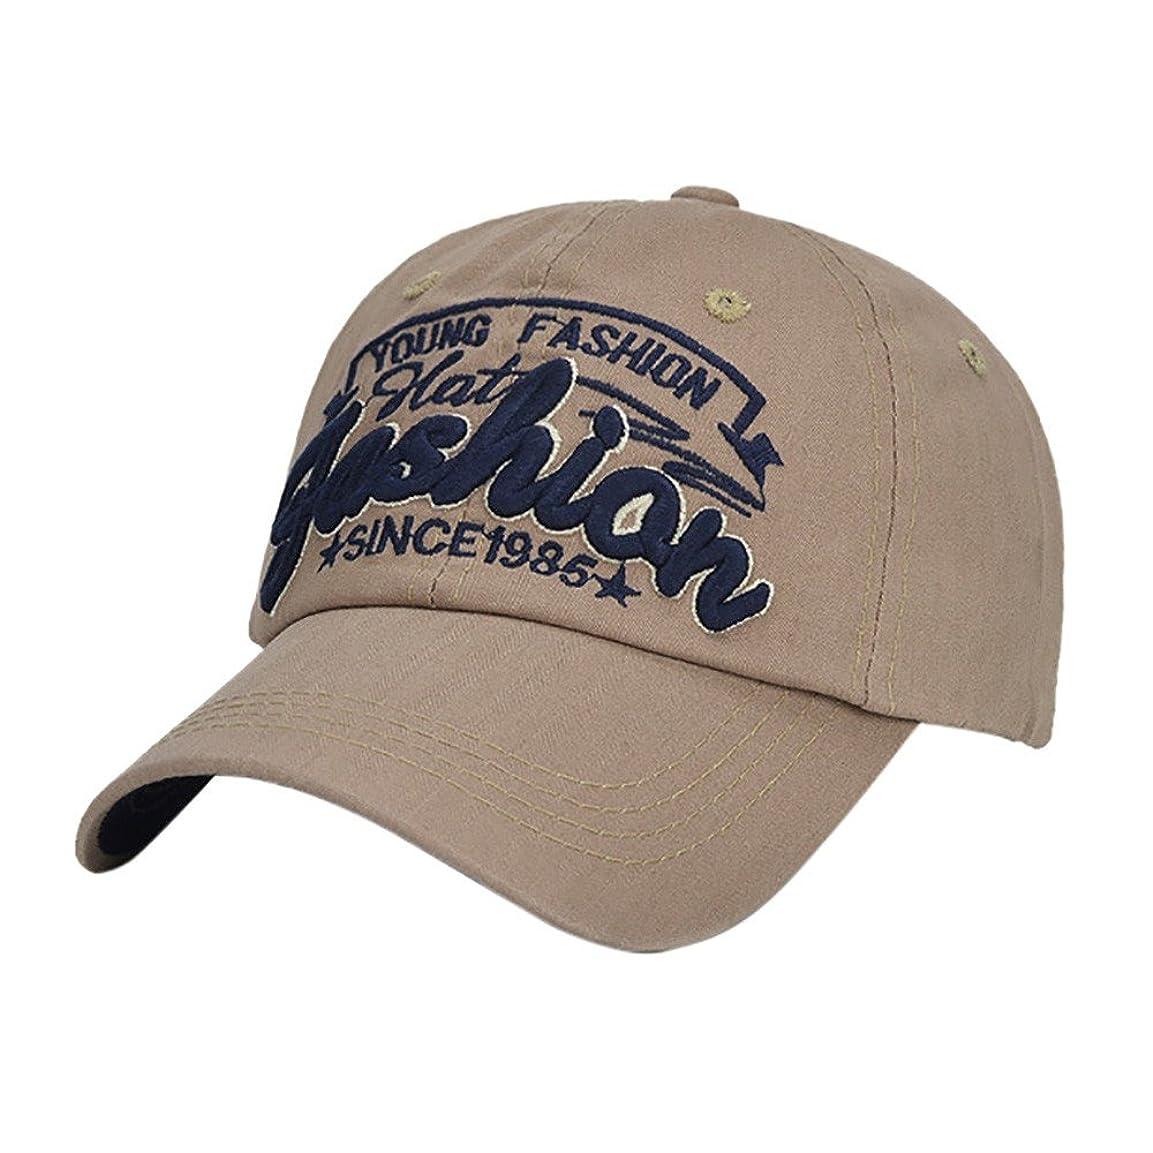 腹先例元のRacazing Cap ヒップホップ 野球帽 ストリートダンス 夏 登山 通気性のある 帽子 パール ビーディング 可調整可能 日焼け止め 棒球帽 UV 帽子 軽量 屋外 女性向 Hat (コーヒー)